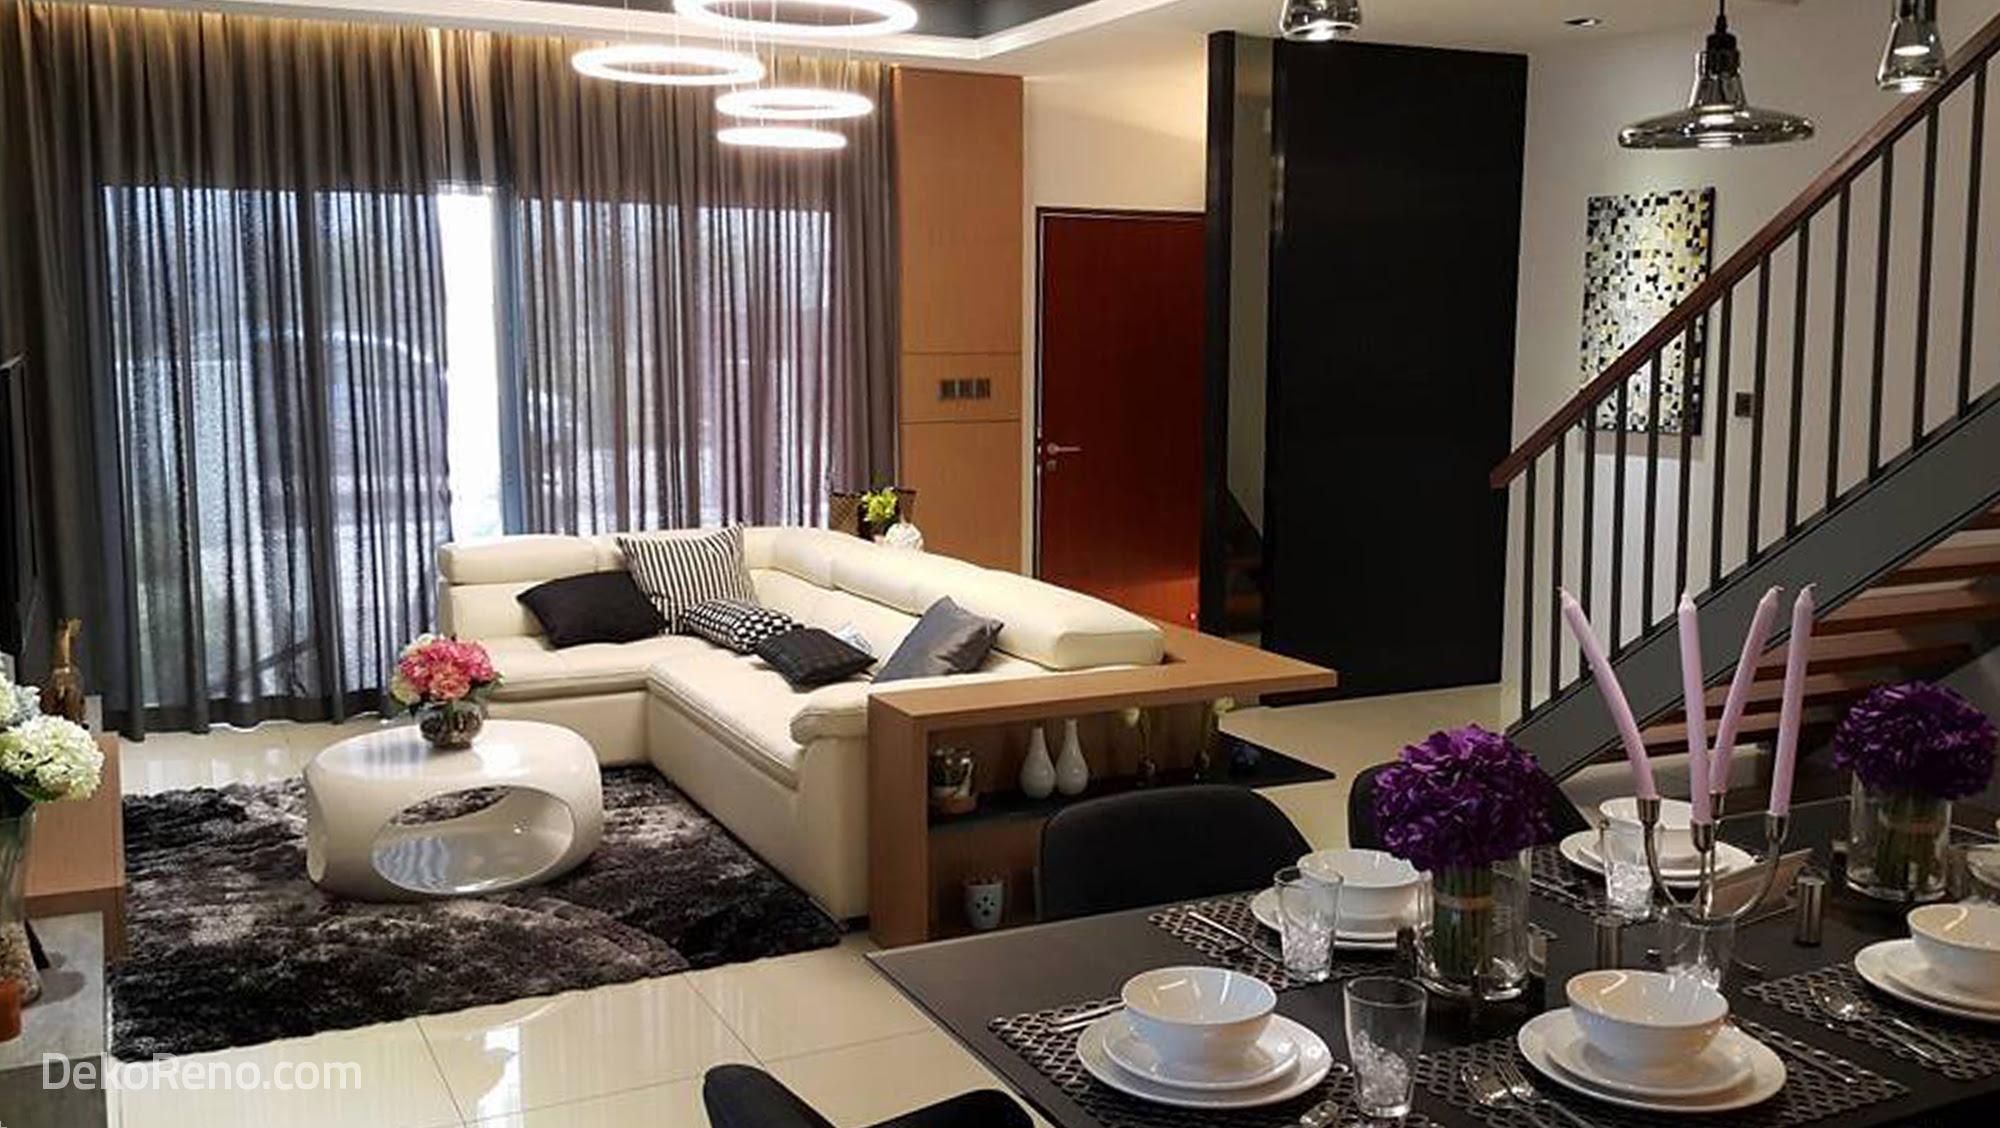 Design Ruang Tamu Rumah Teres 2 Tingkat